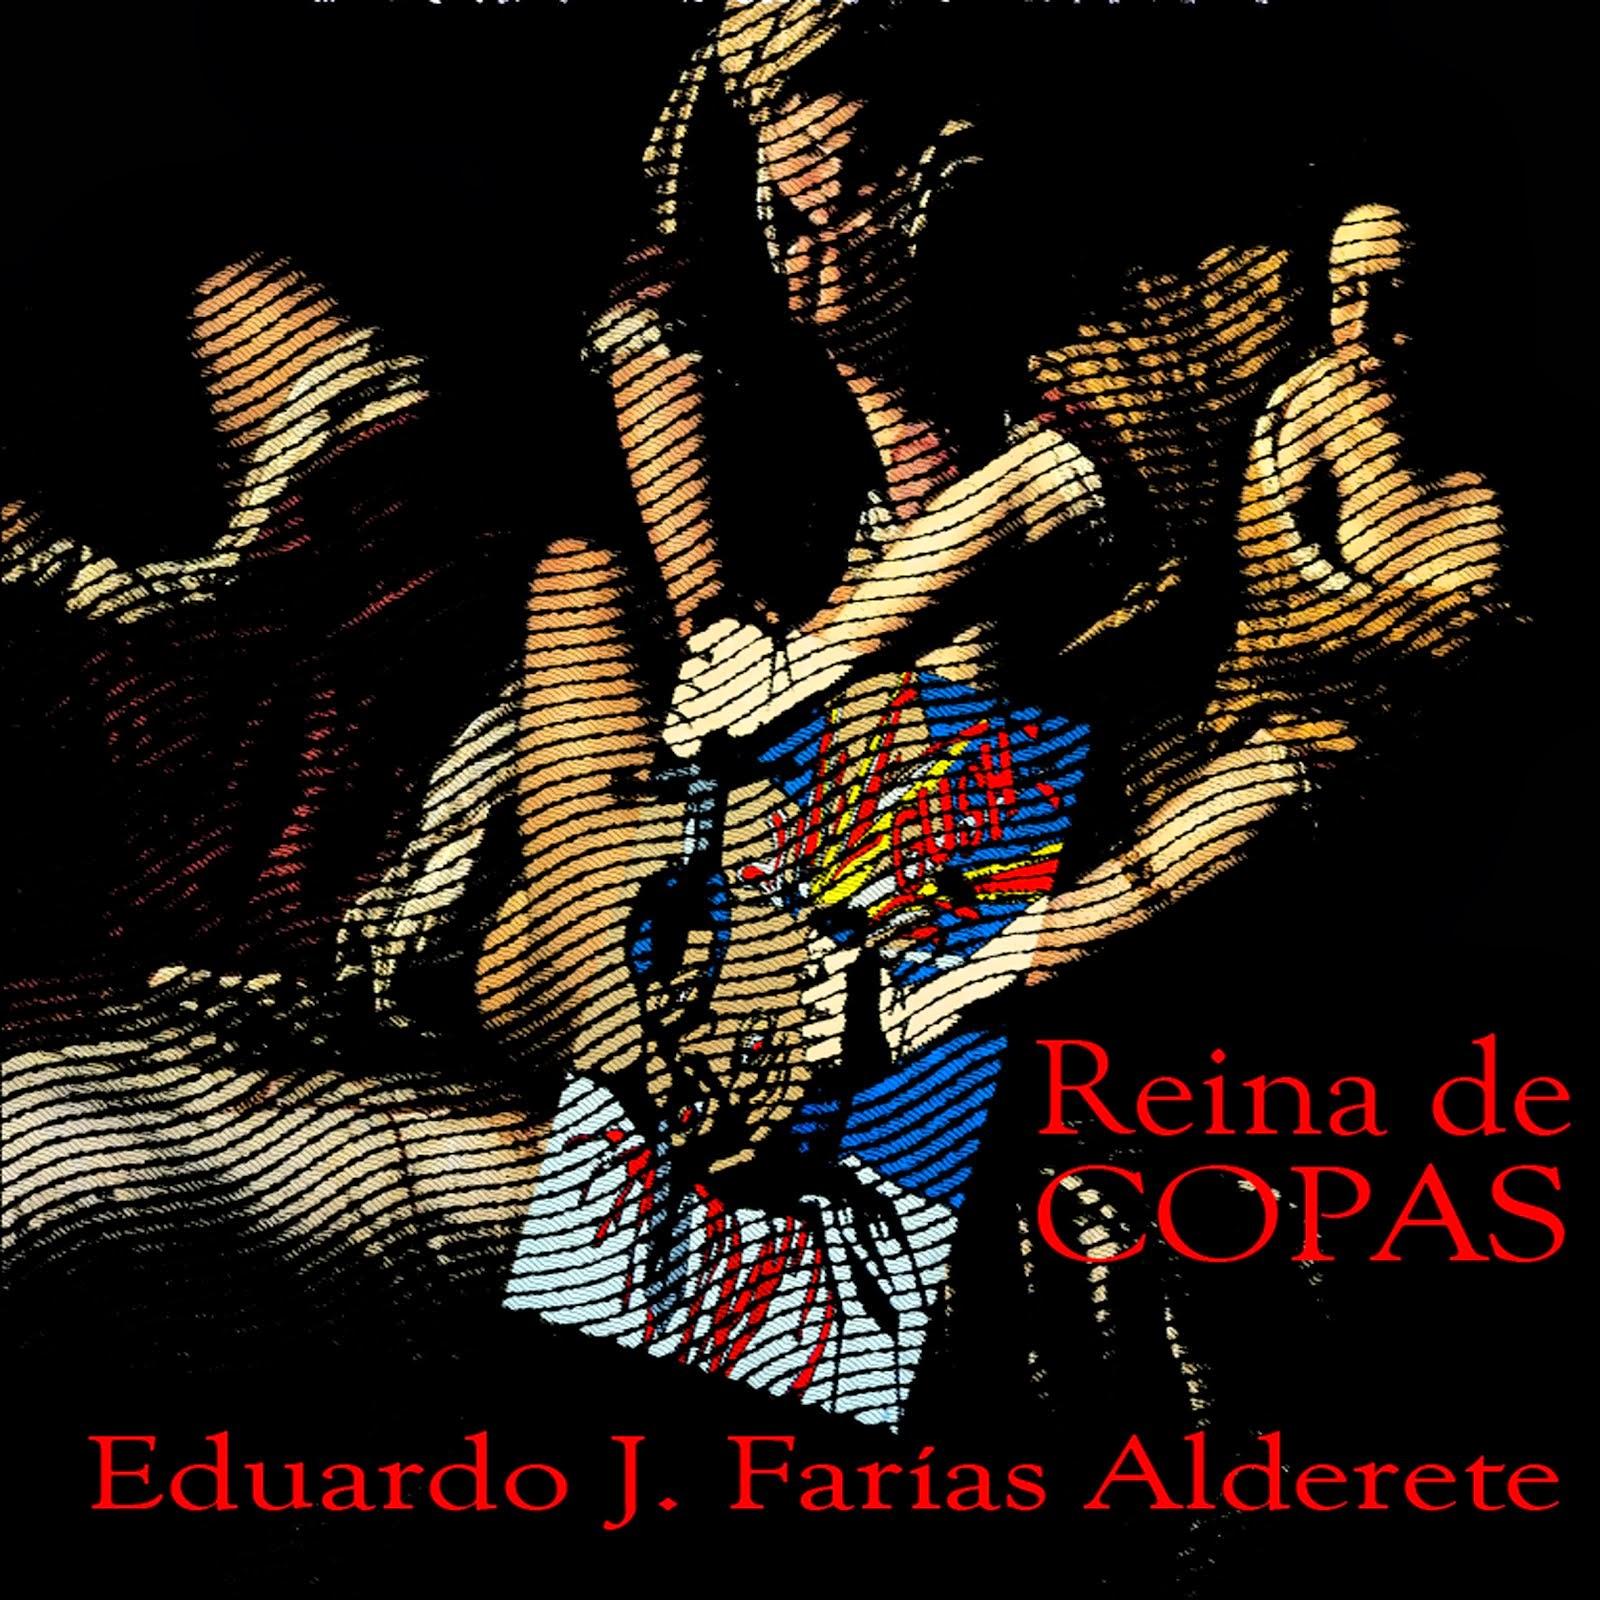 LA REINA DE COPAS E.BOOK